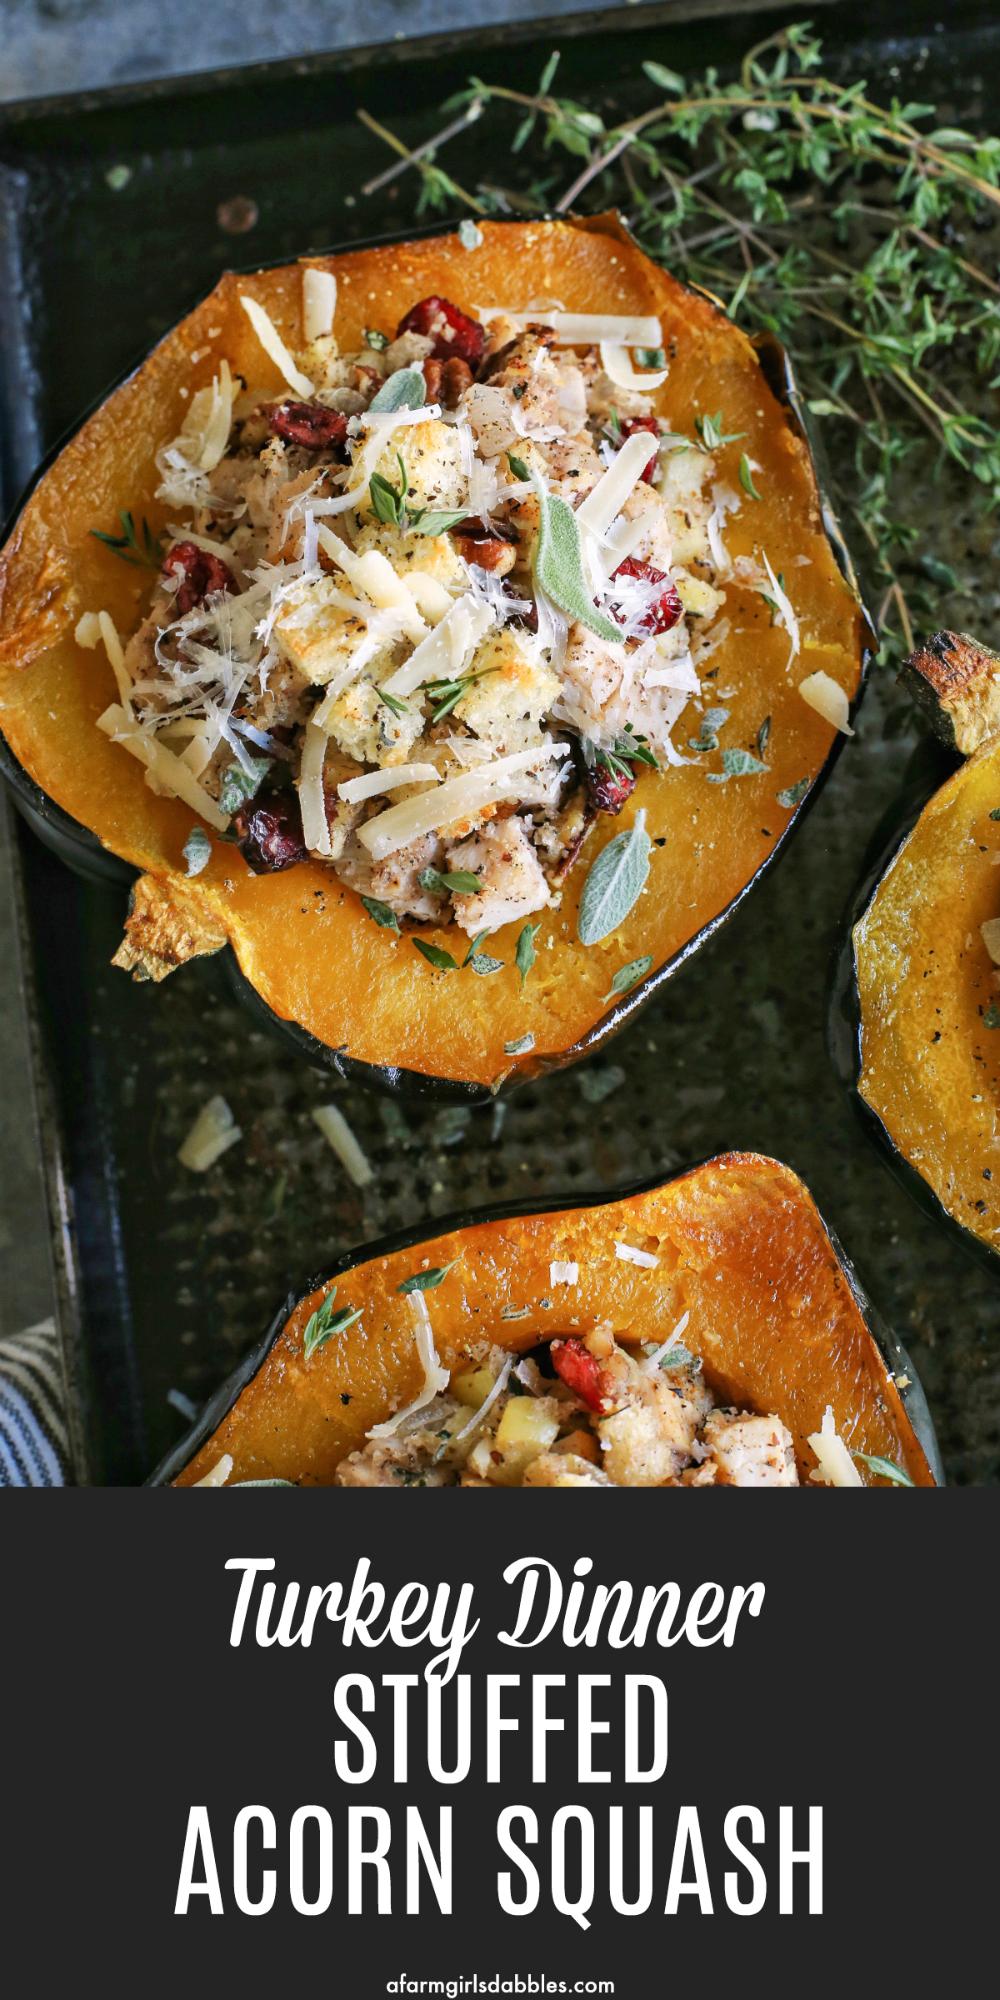 Turkey Dinner Stuffed Acorn Squash Recipe Food recipes